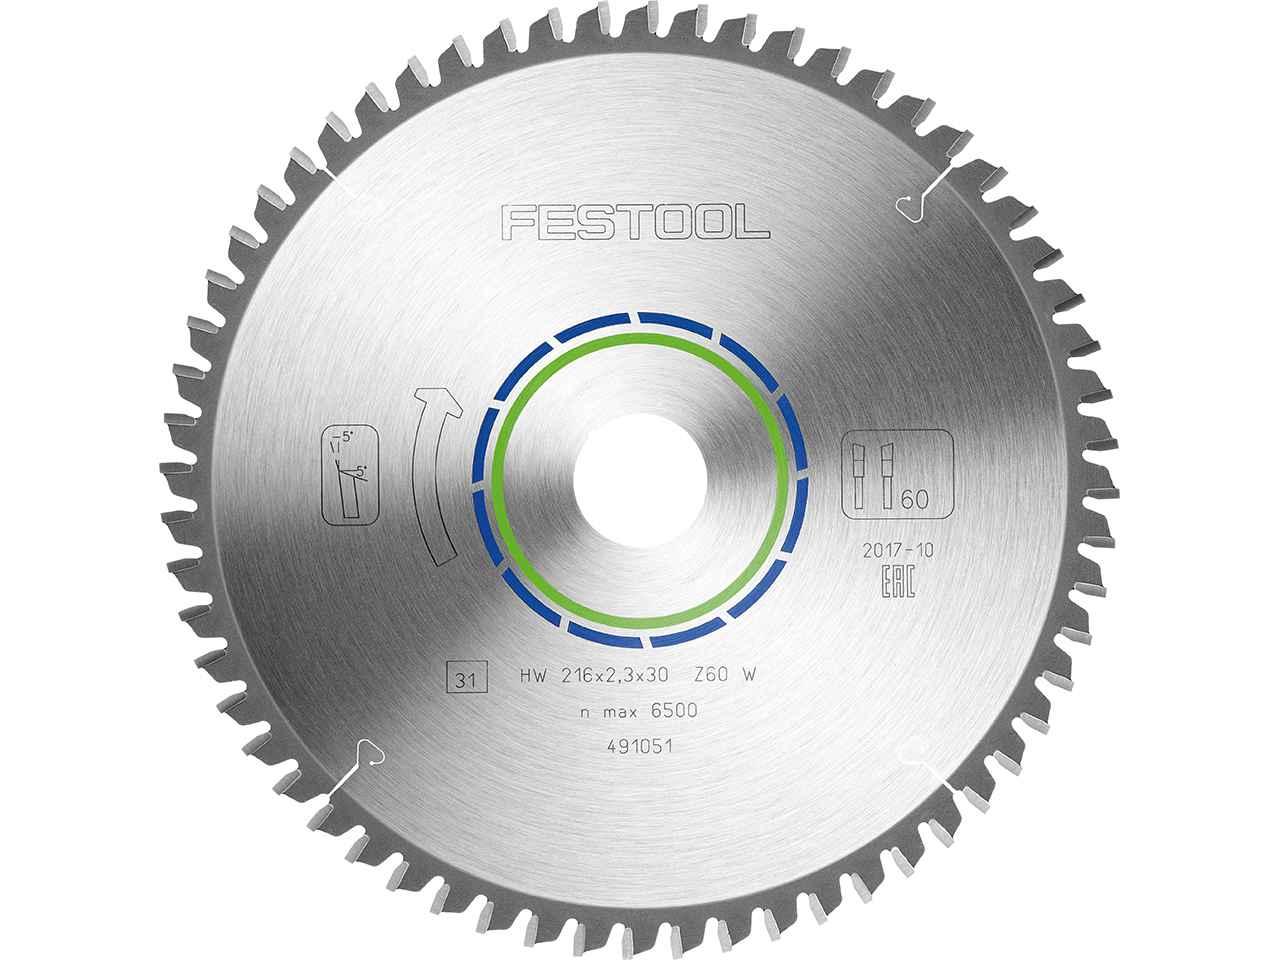 225mm x 30mm W48 48teeth Festool 488289 Fine tooth saw blade